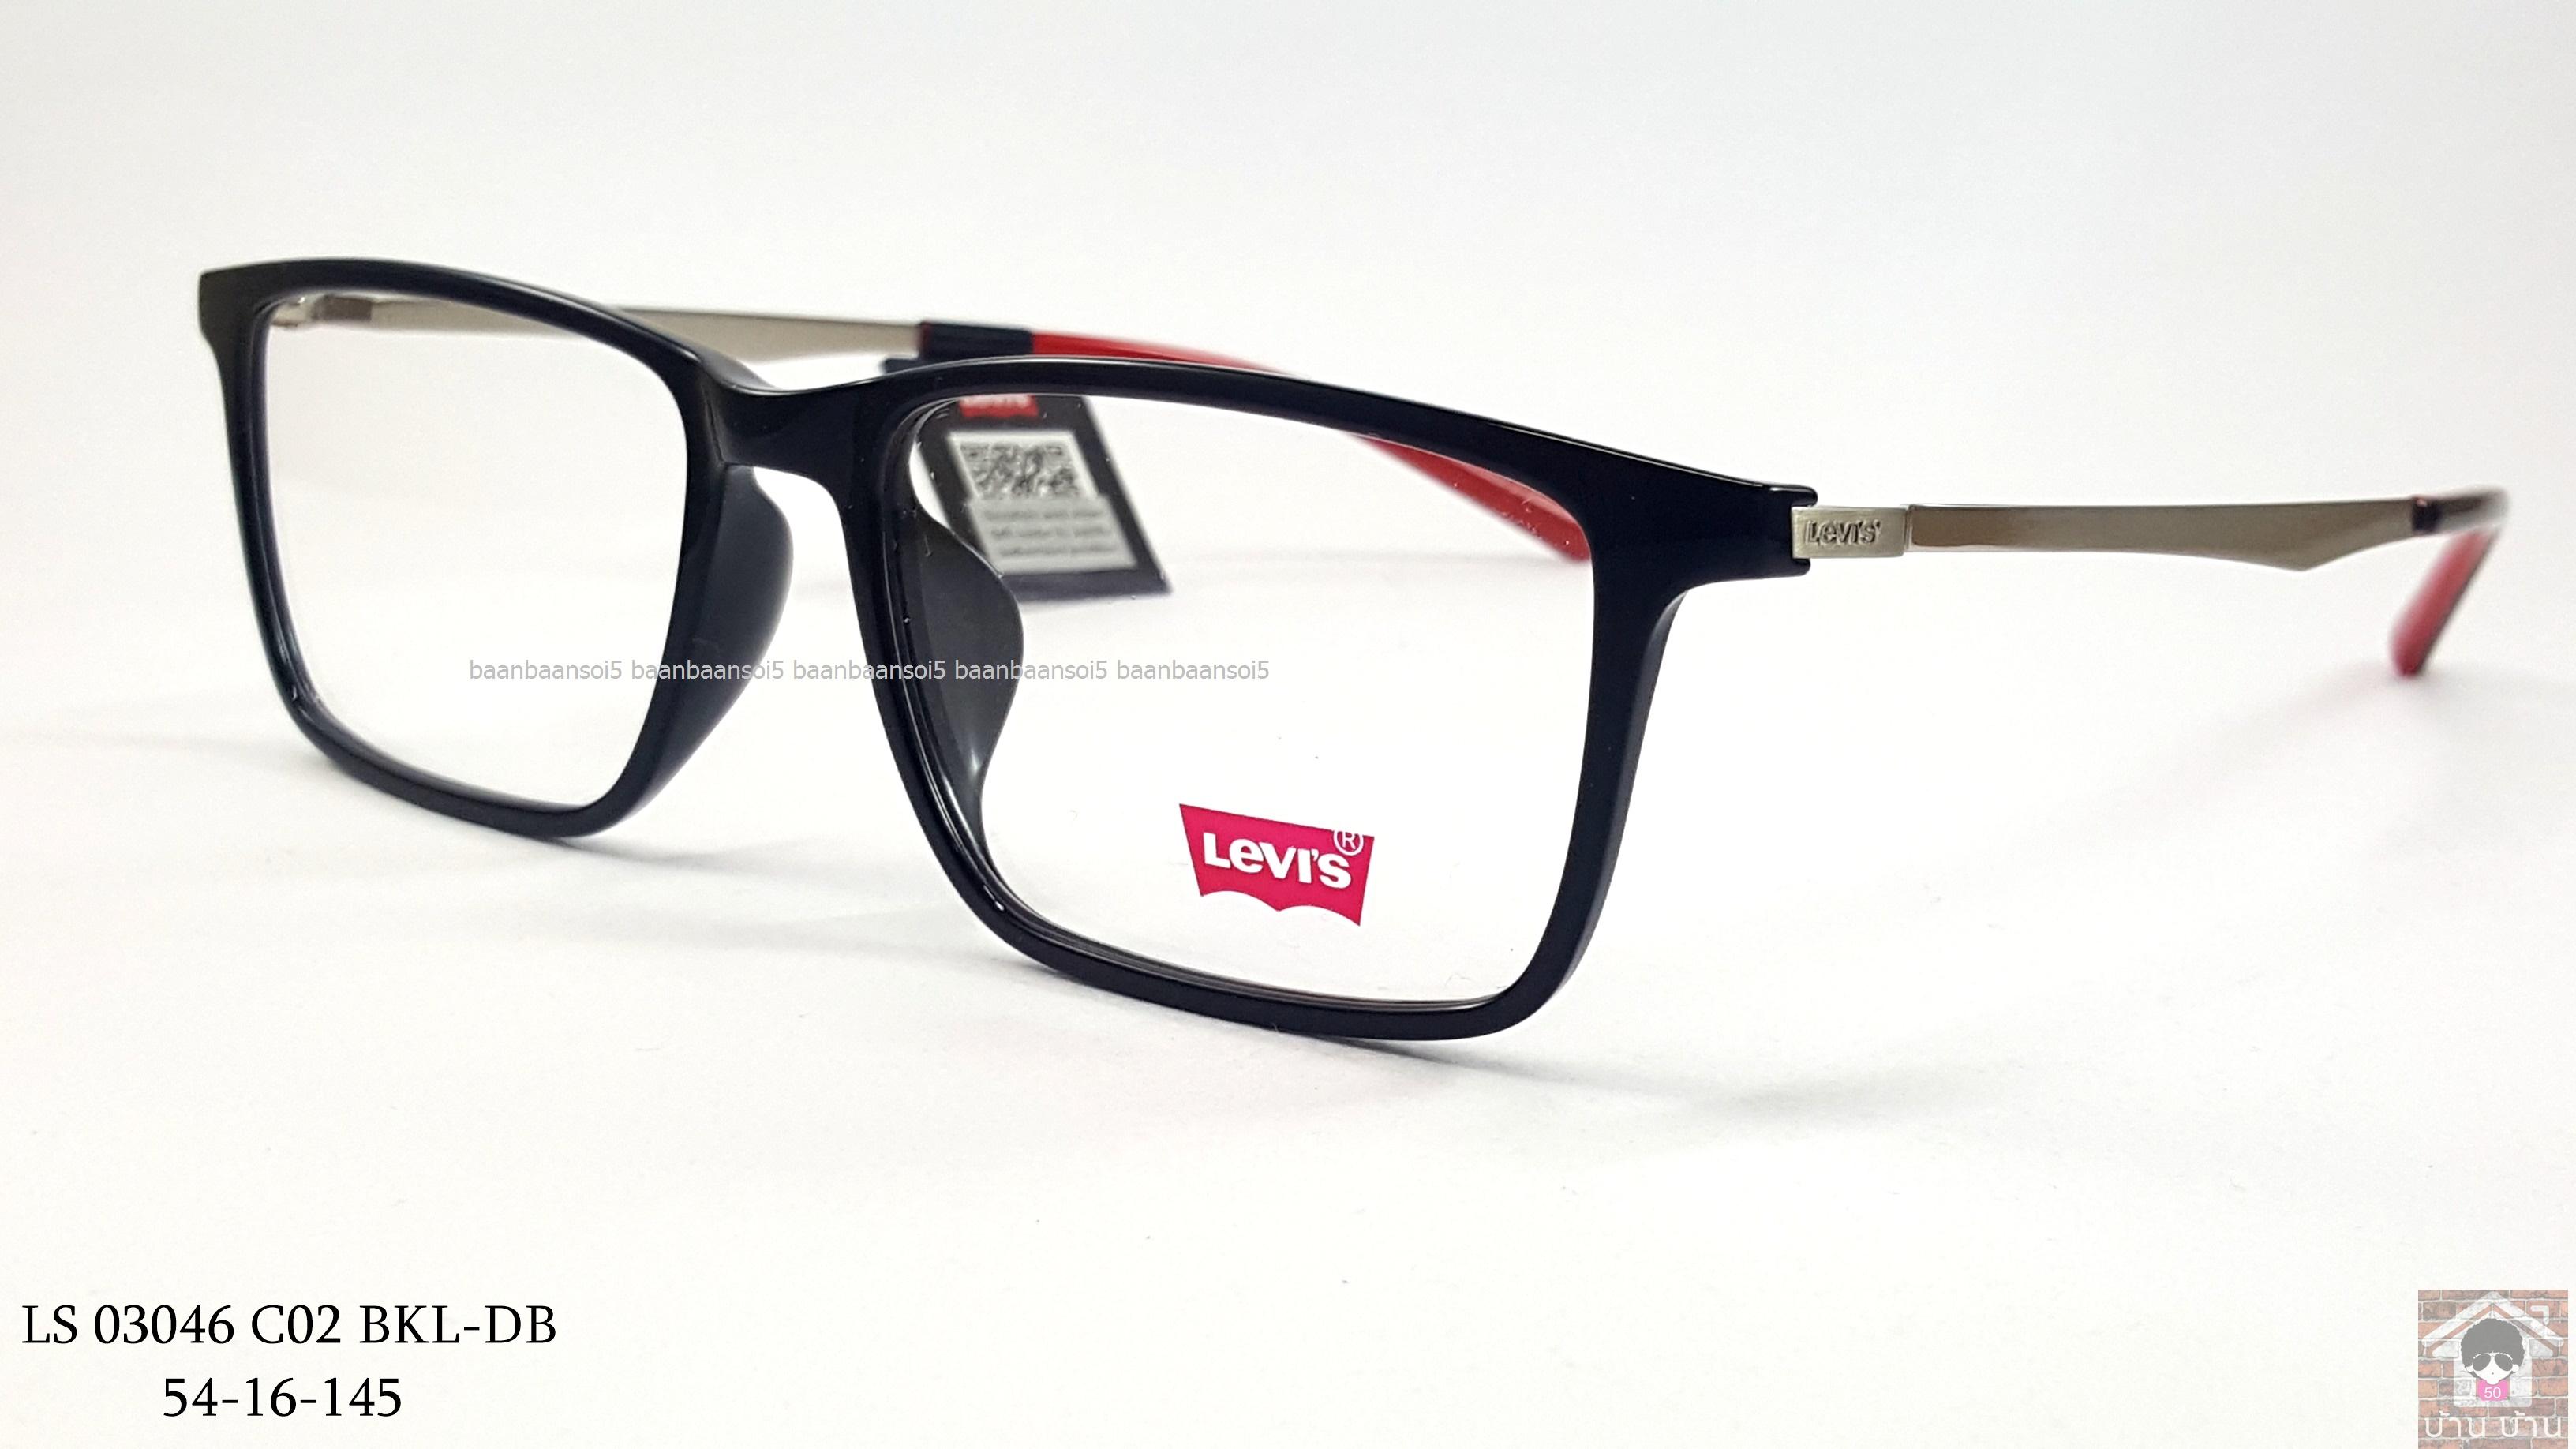 Levi's LS 03046 c02 โปรโมชั่น กรอบแว่นตาพร้อมเลนส์ HOYA ราคา 3,200 บาท